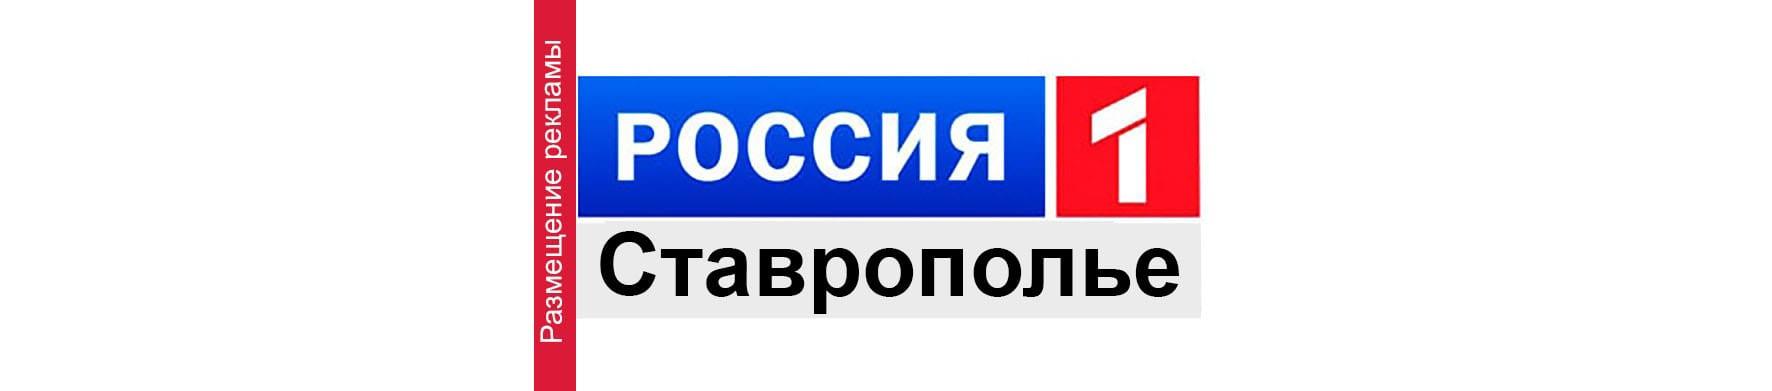 Реклама на телевидении в Ставропольском крае россия 1